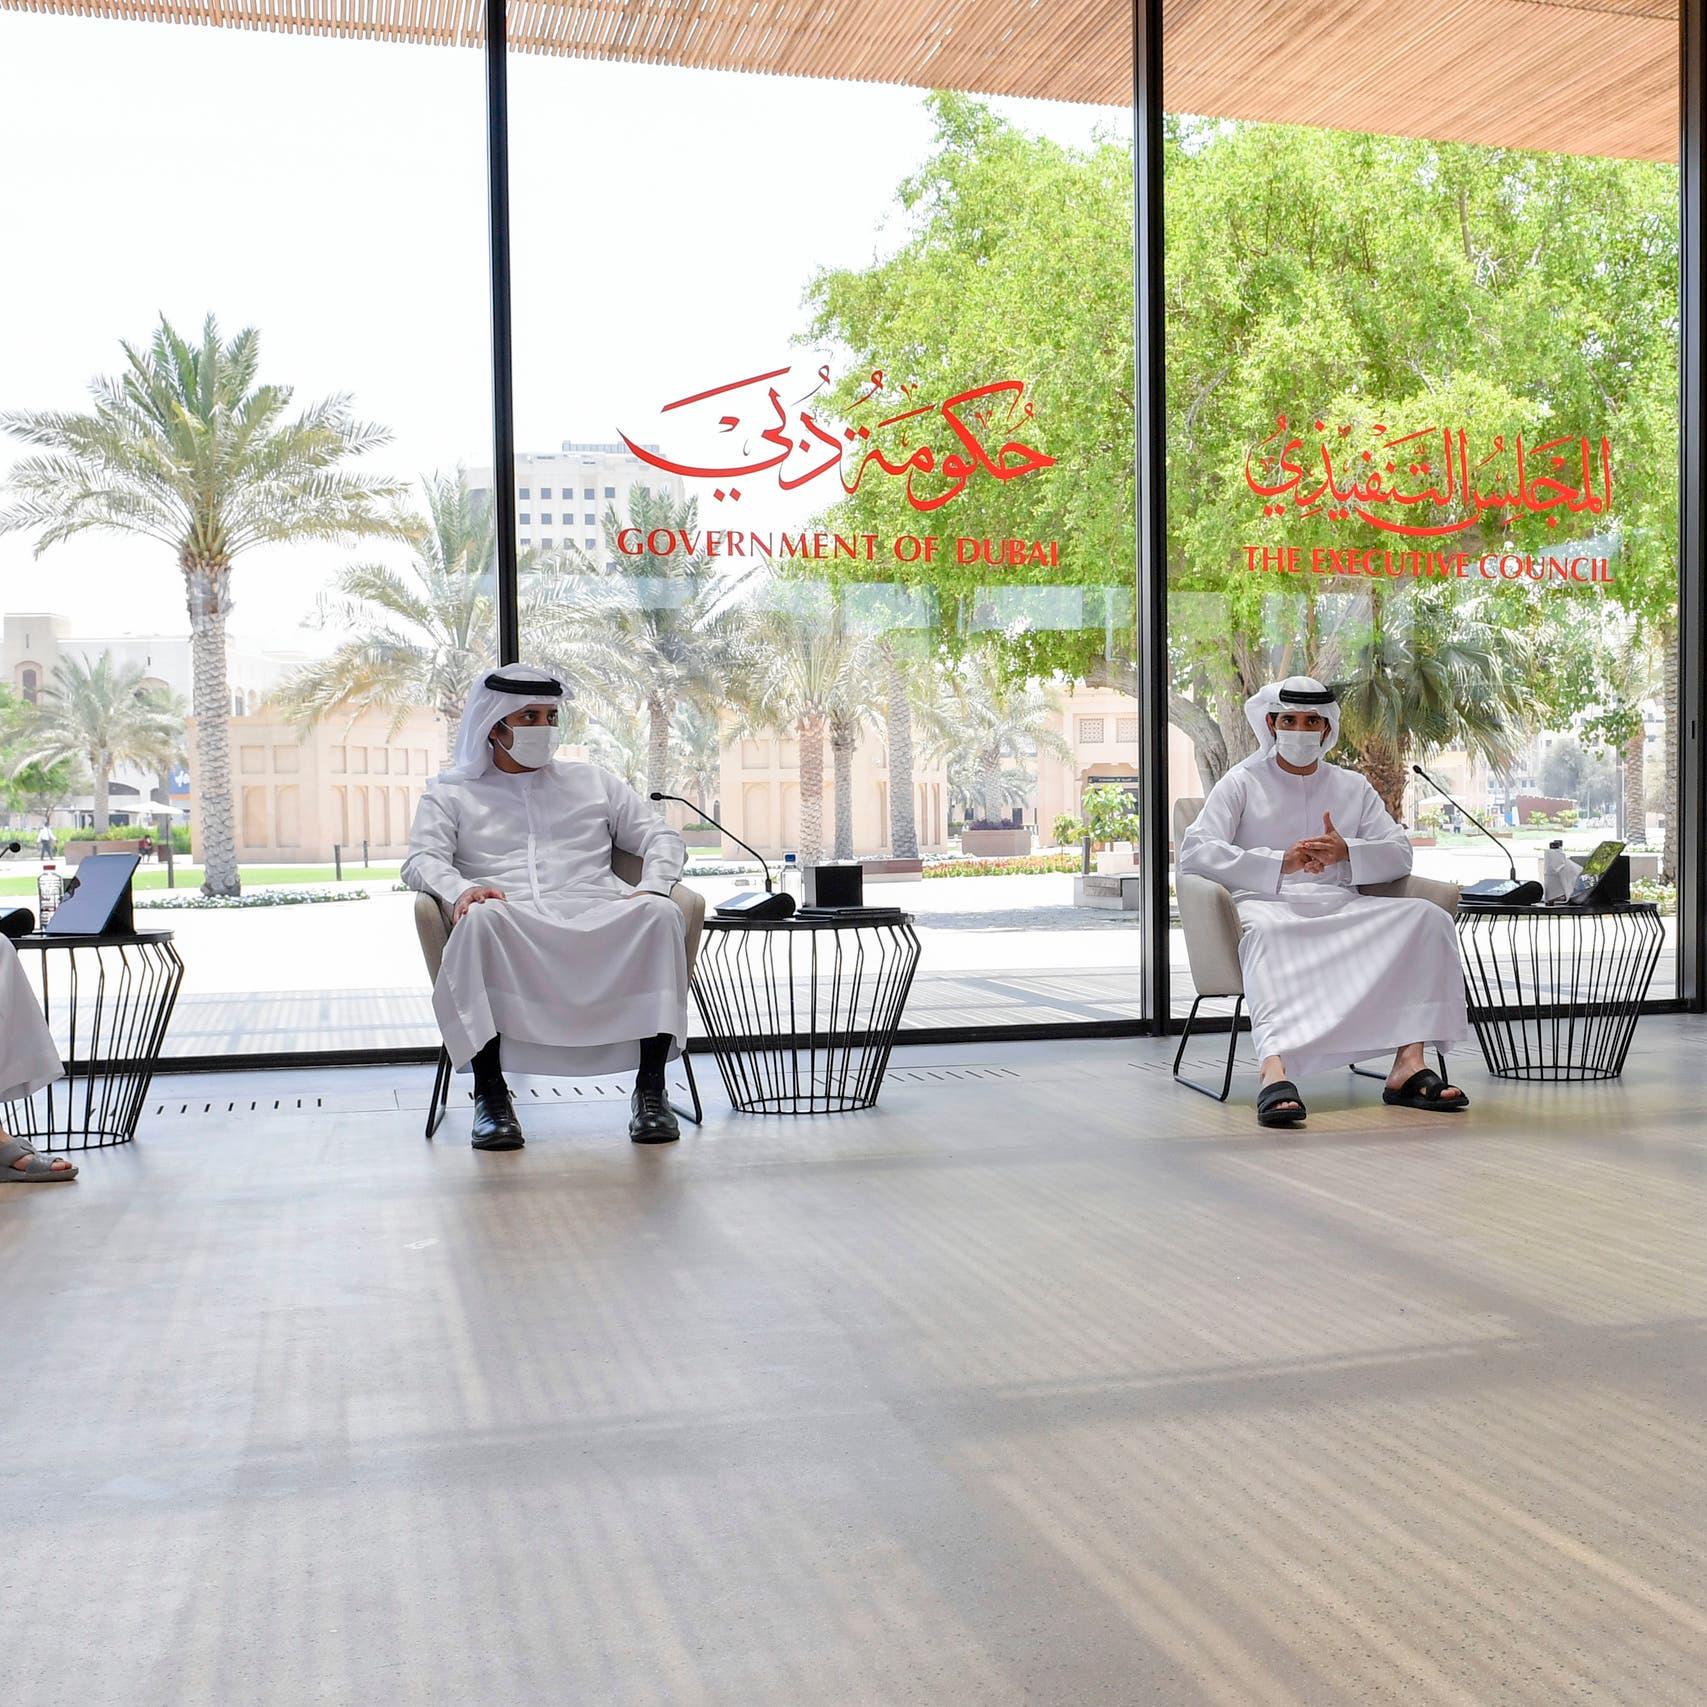 دبي تعتمد إنشاء منطقة متخصصة للطباعة ثلاثية الأبعاد